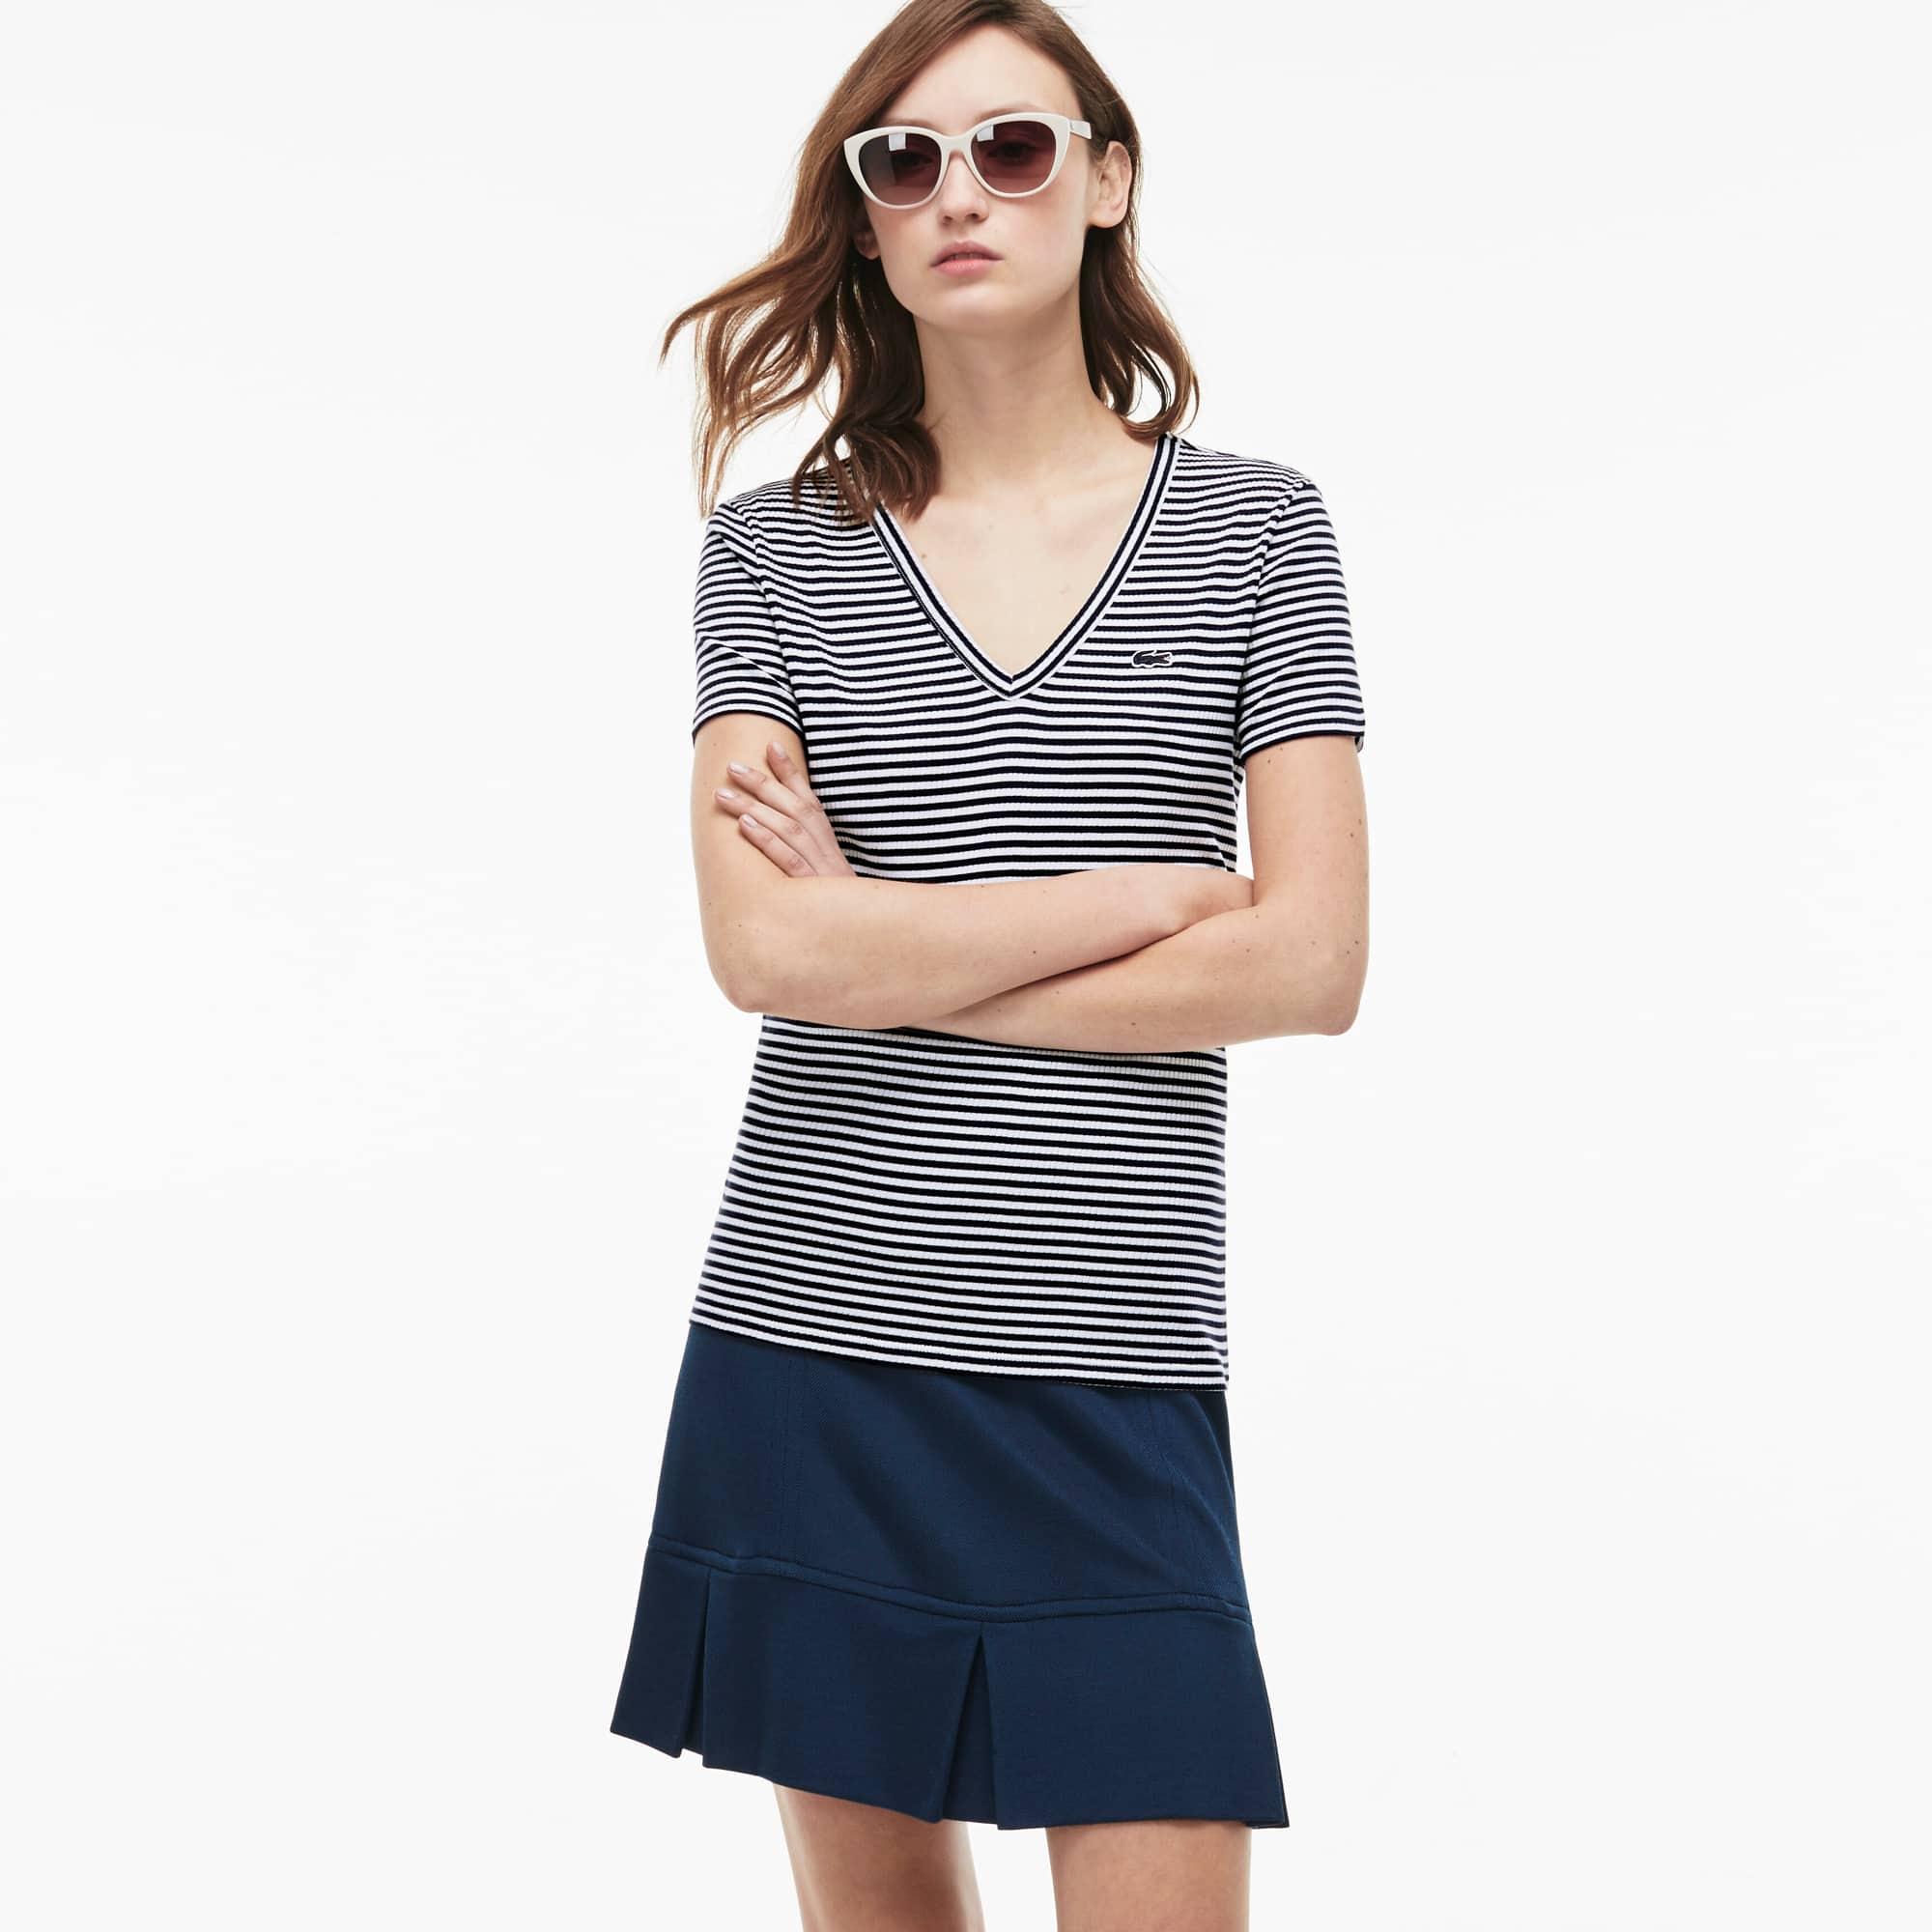 Women's Clothing | Women's Fashion